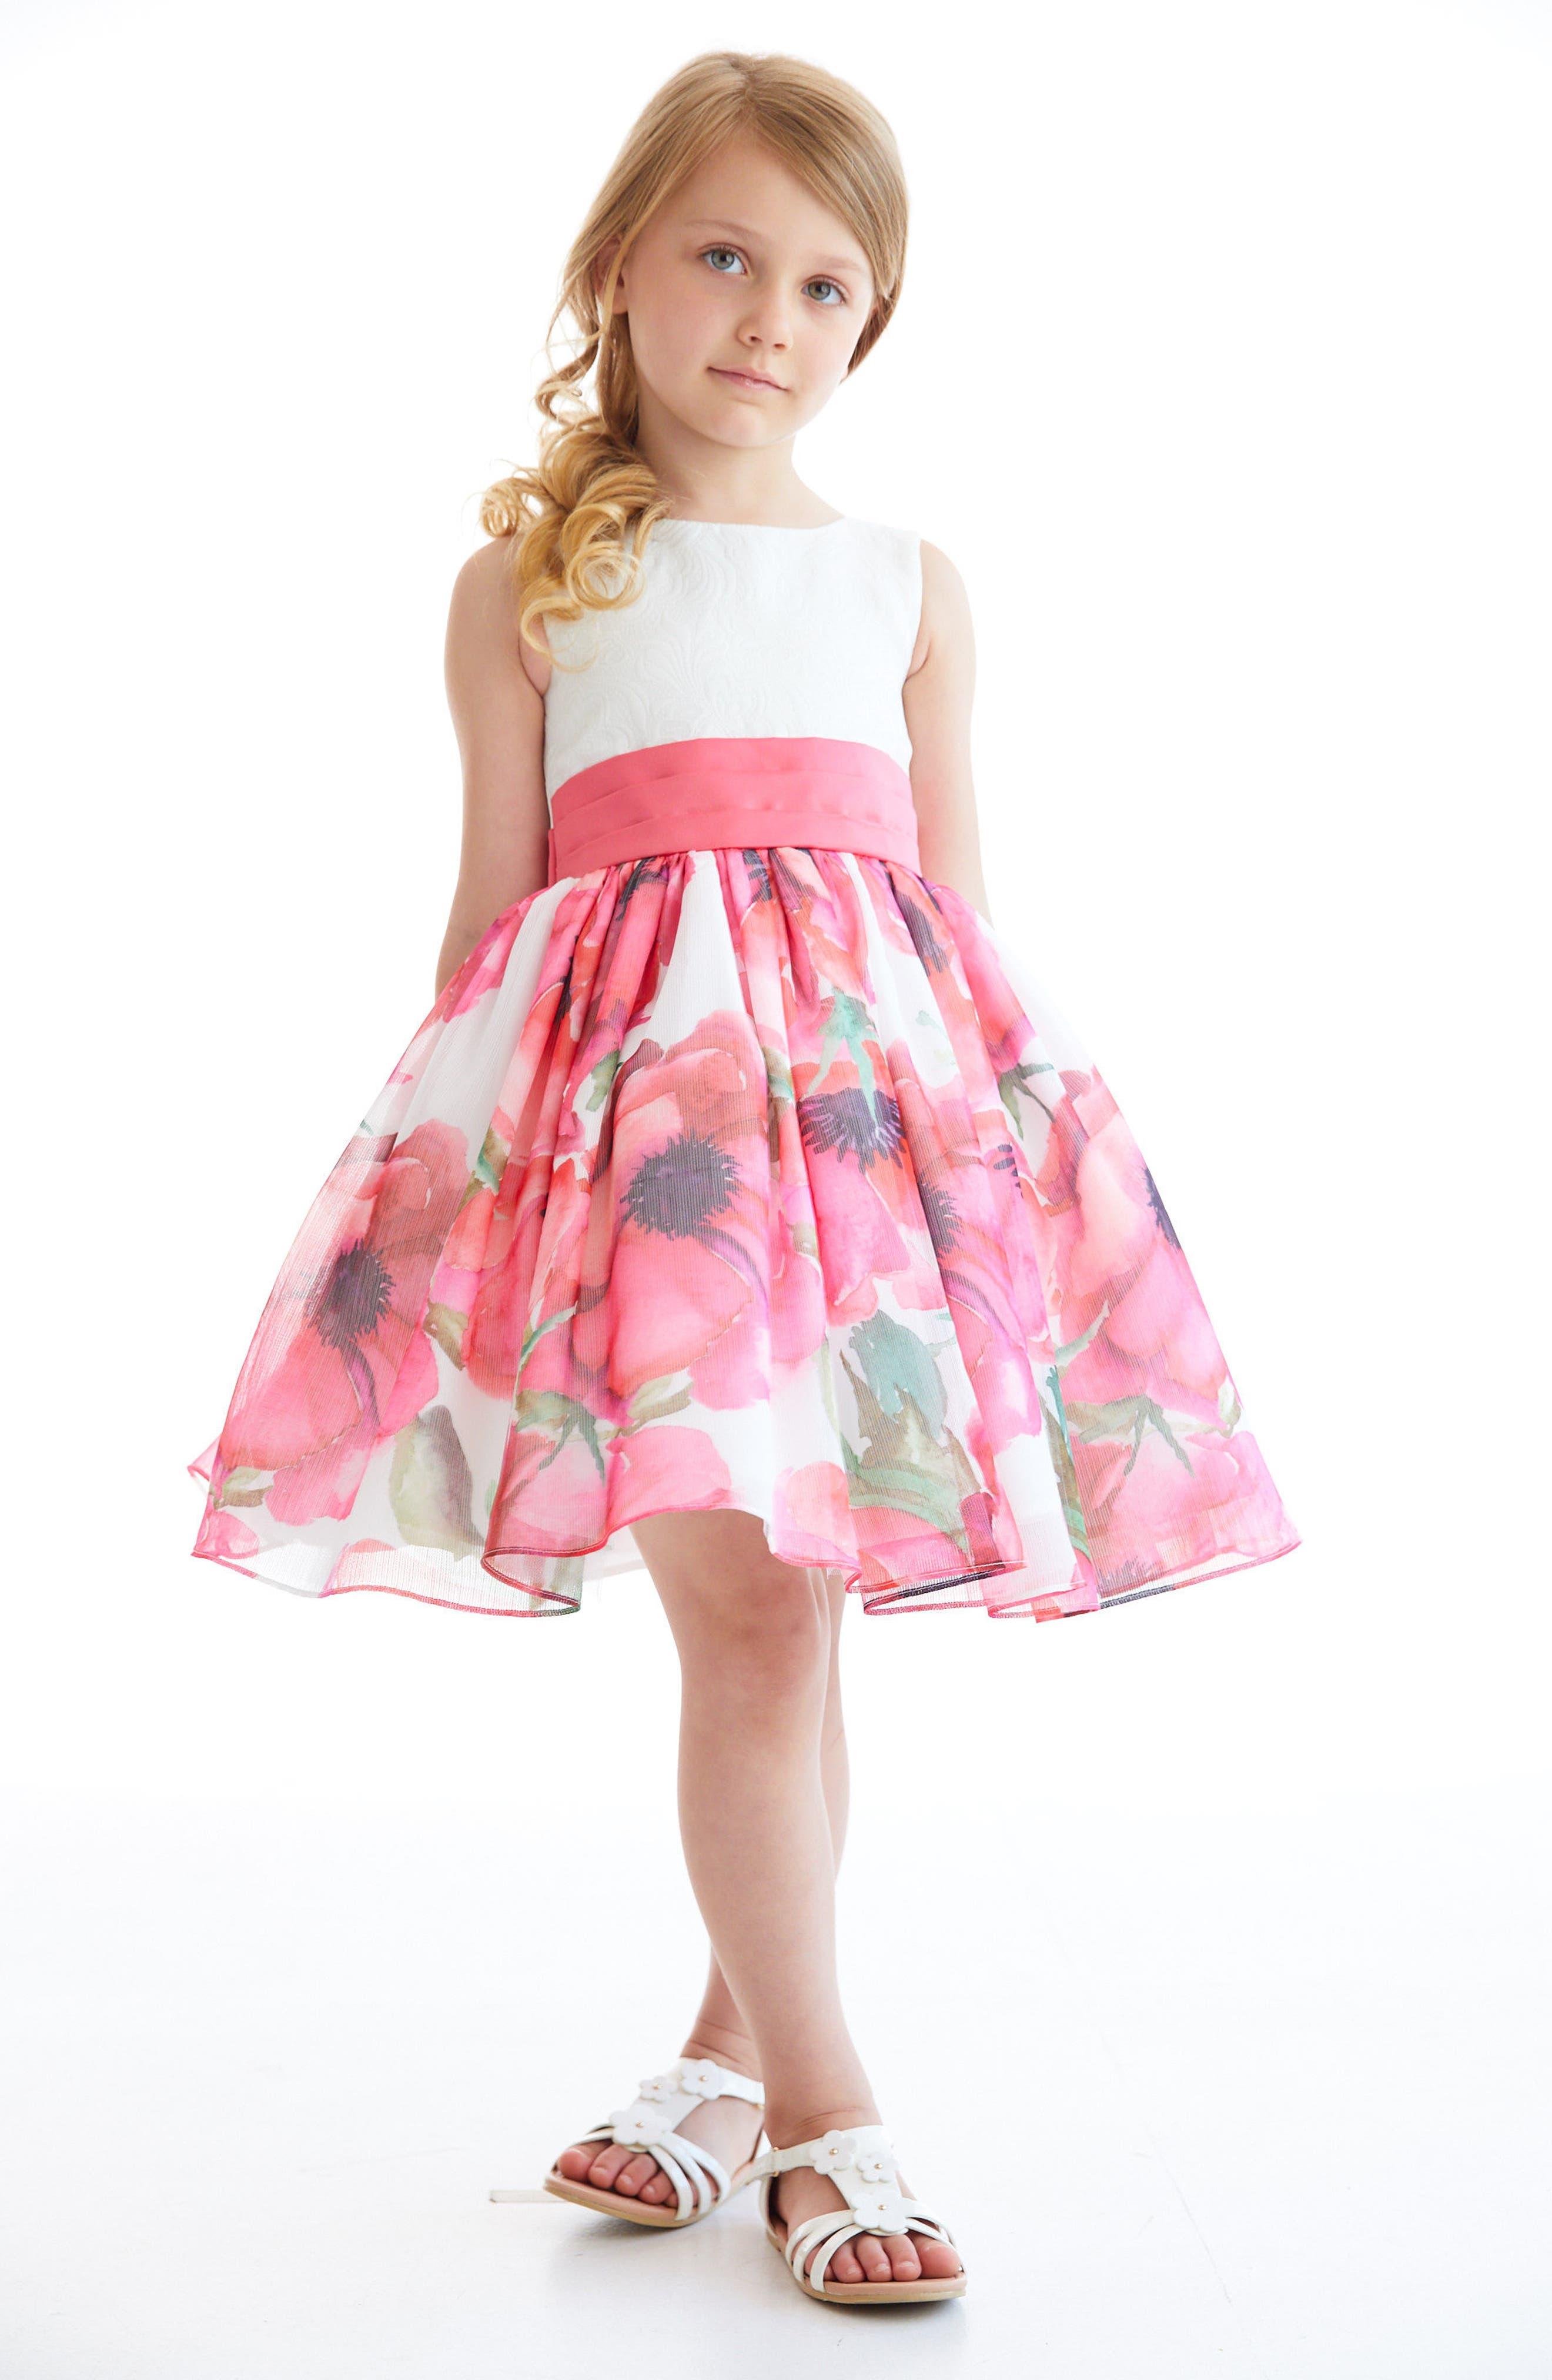 Resa Floral Party Dress,                             Alternate thumbnail 2, color,                             Multi Floral